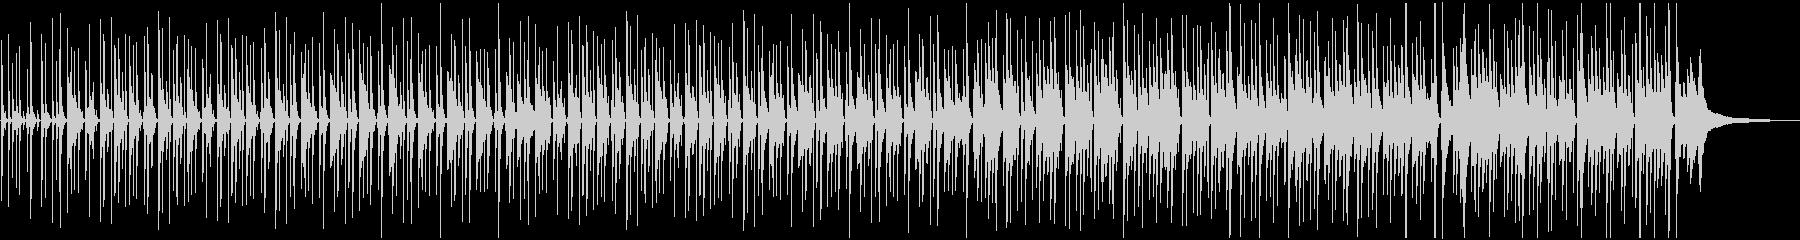 ピアノの音色が心地よいボサノバ曲の未再生の波形